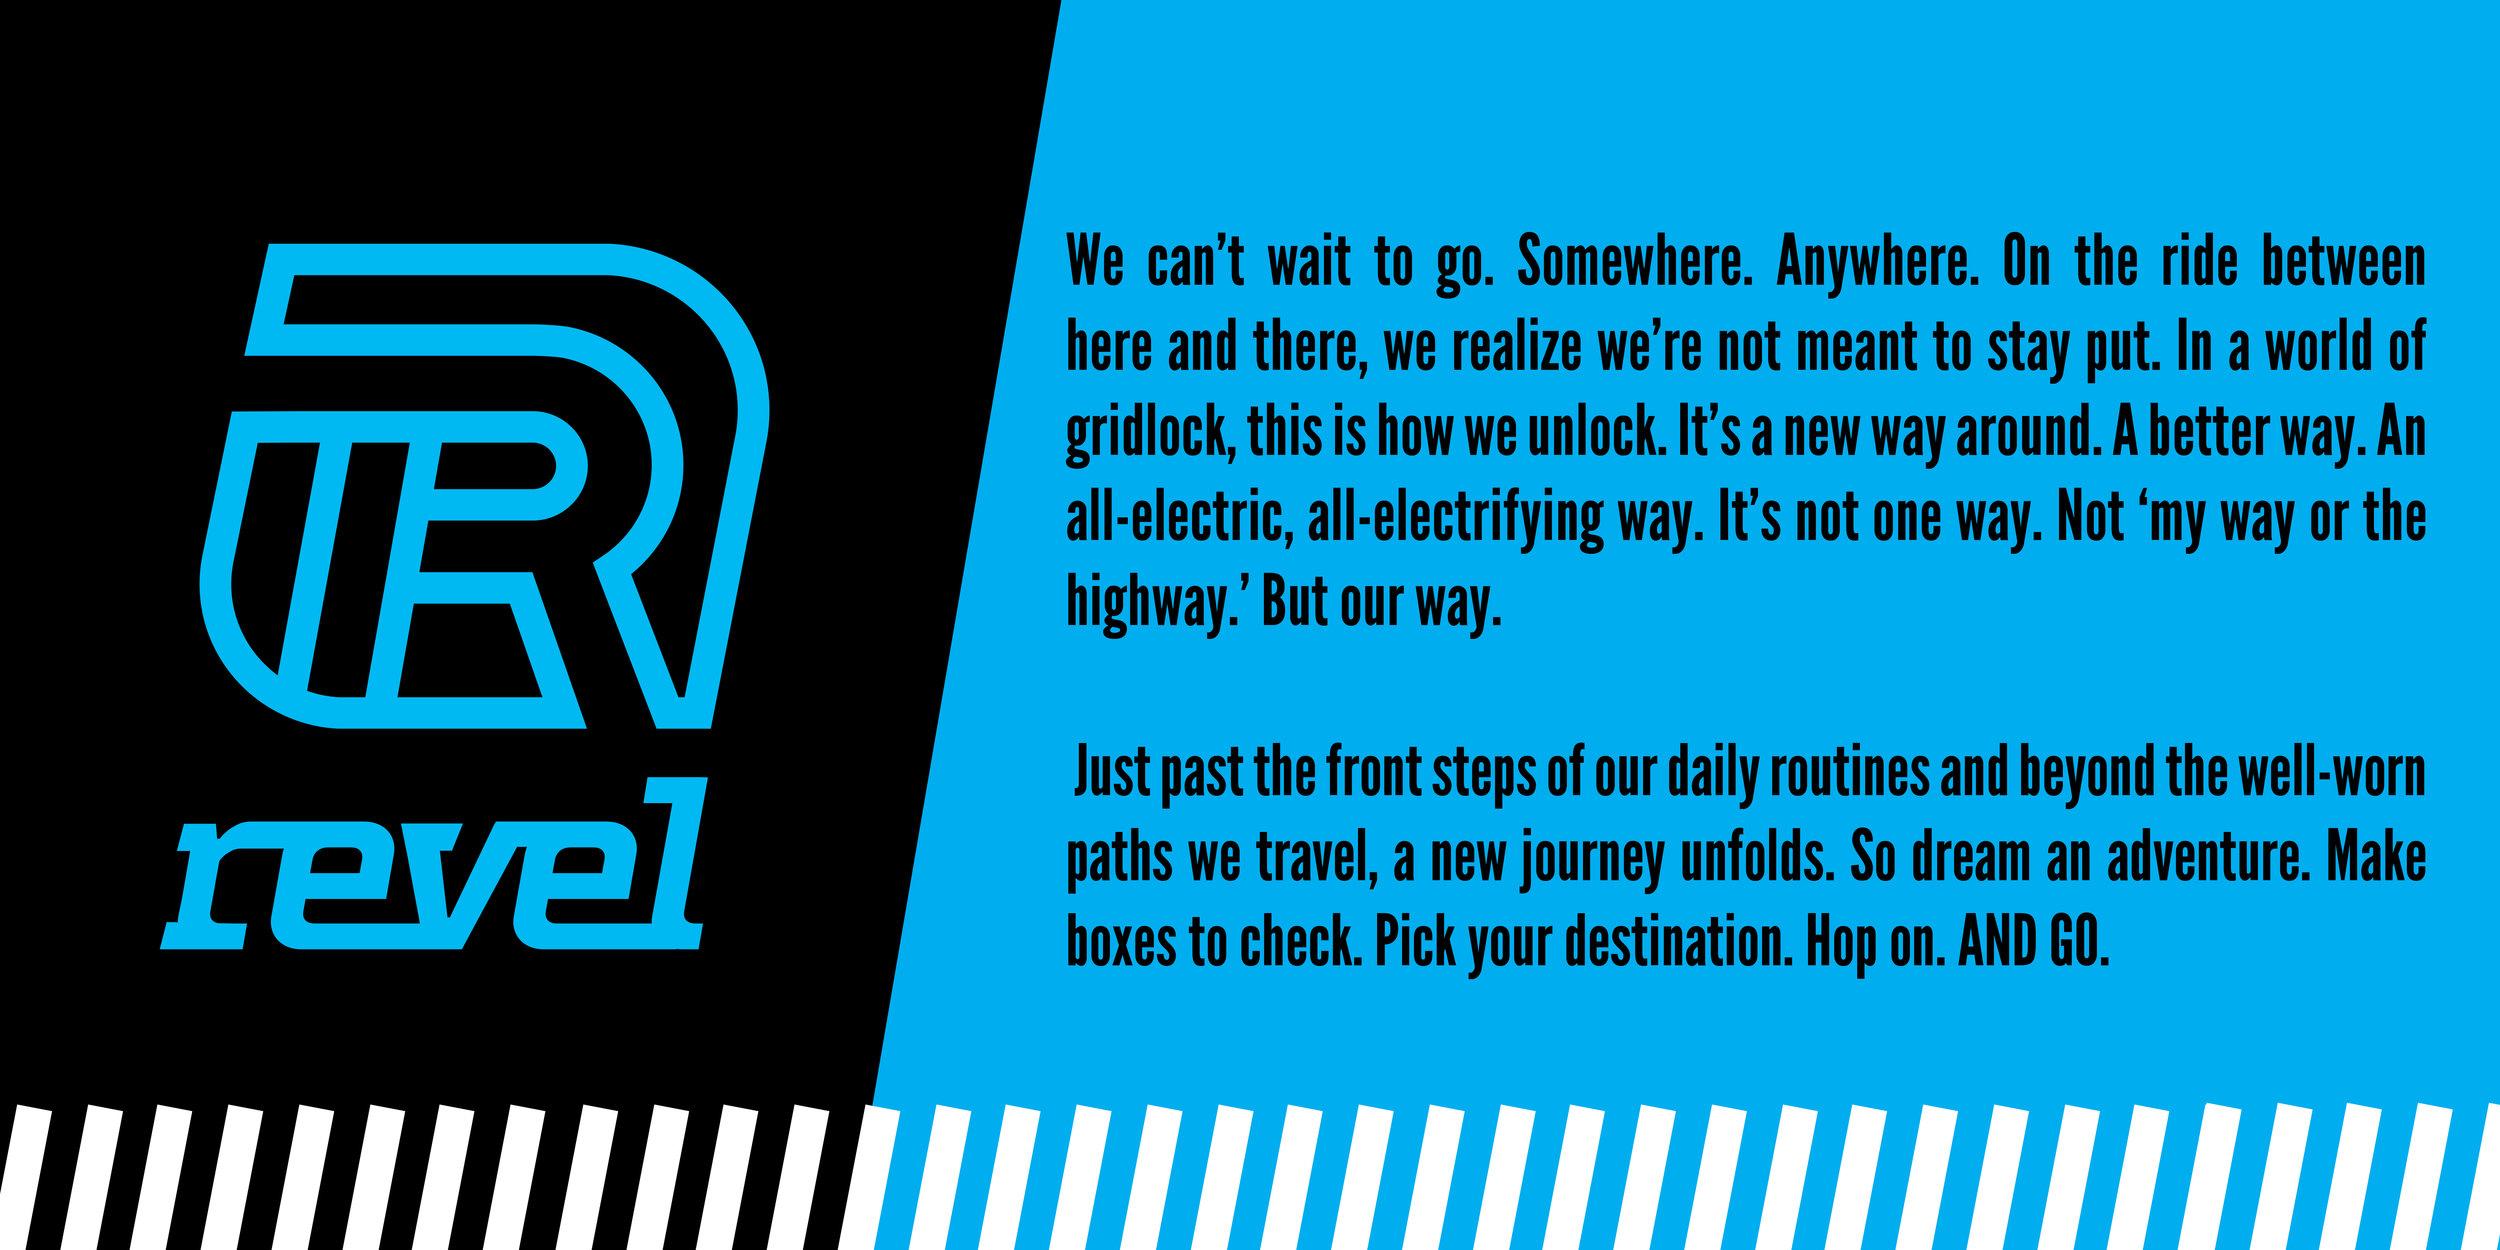 Revel_Manifesto.jpg